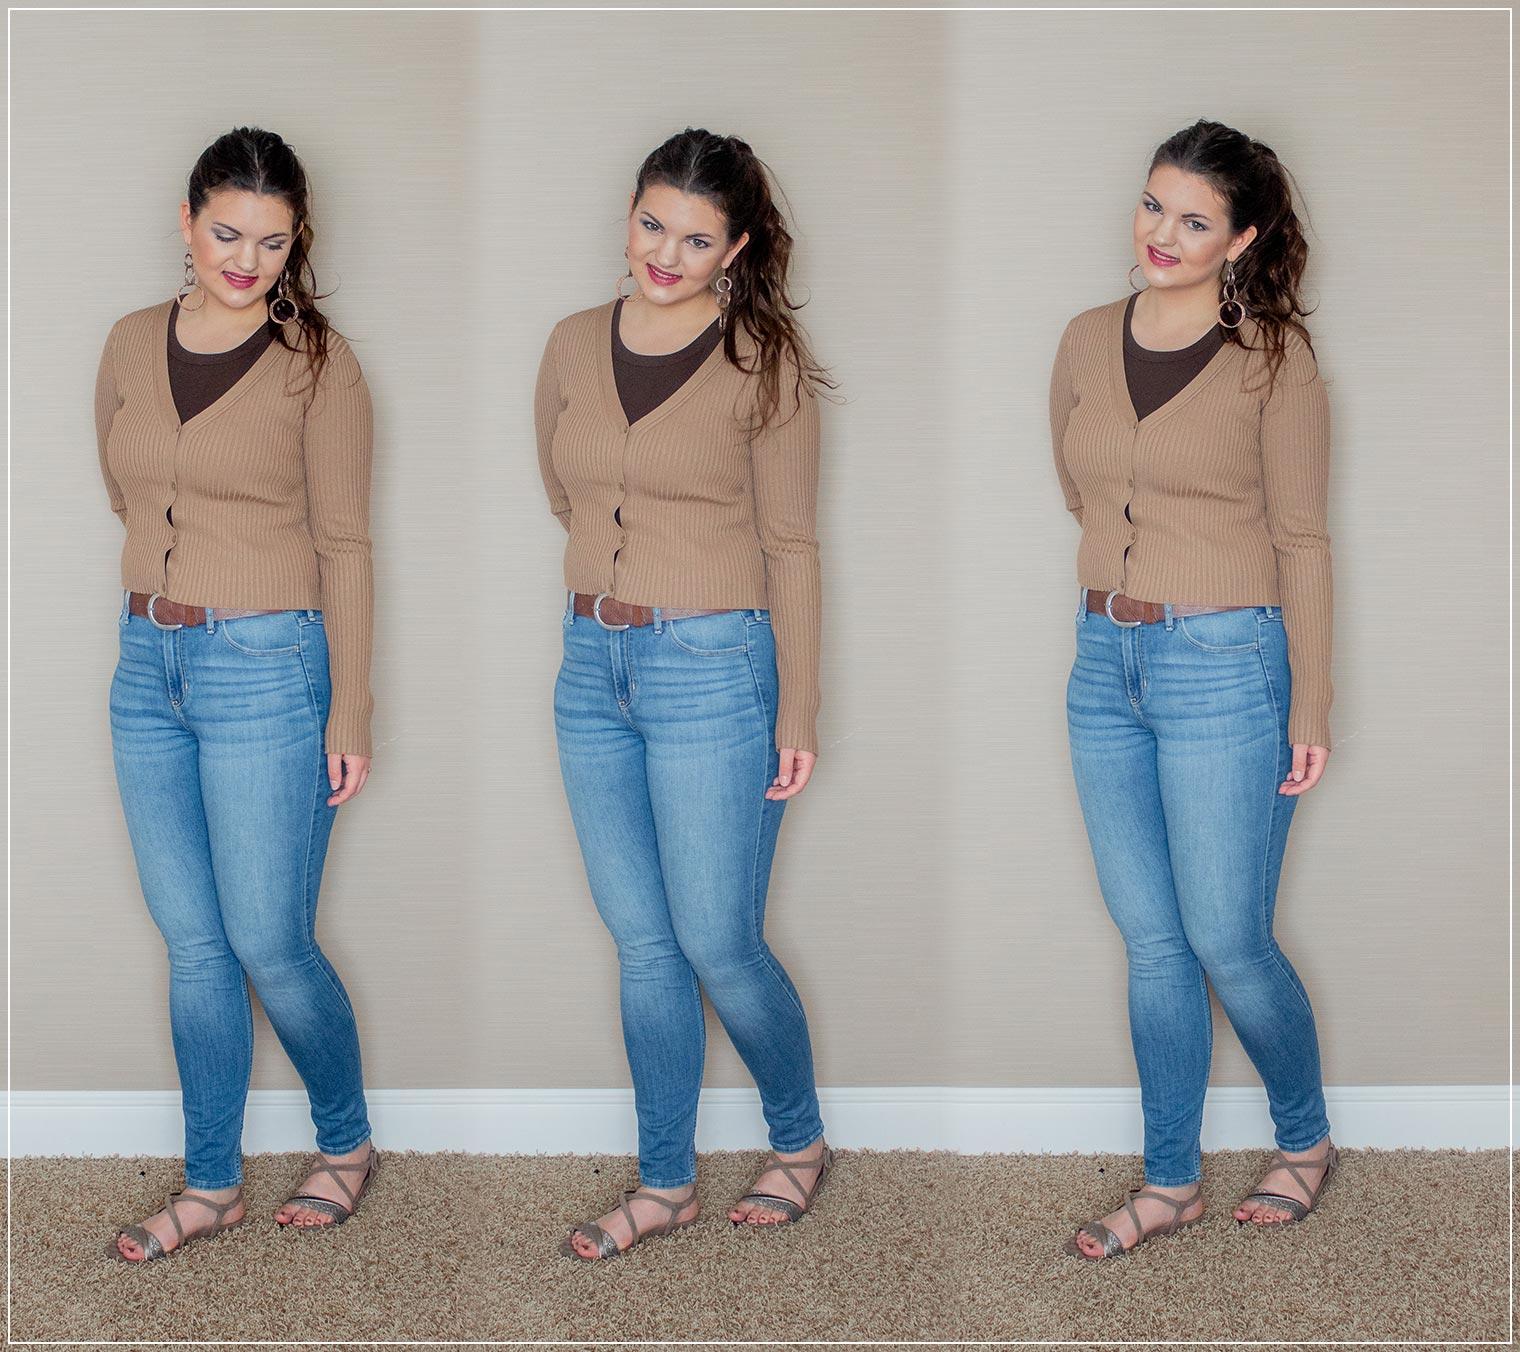 entspannter Look aus Jeans, sommerlichen Schuhen und Top mit Strickjacke